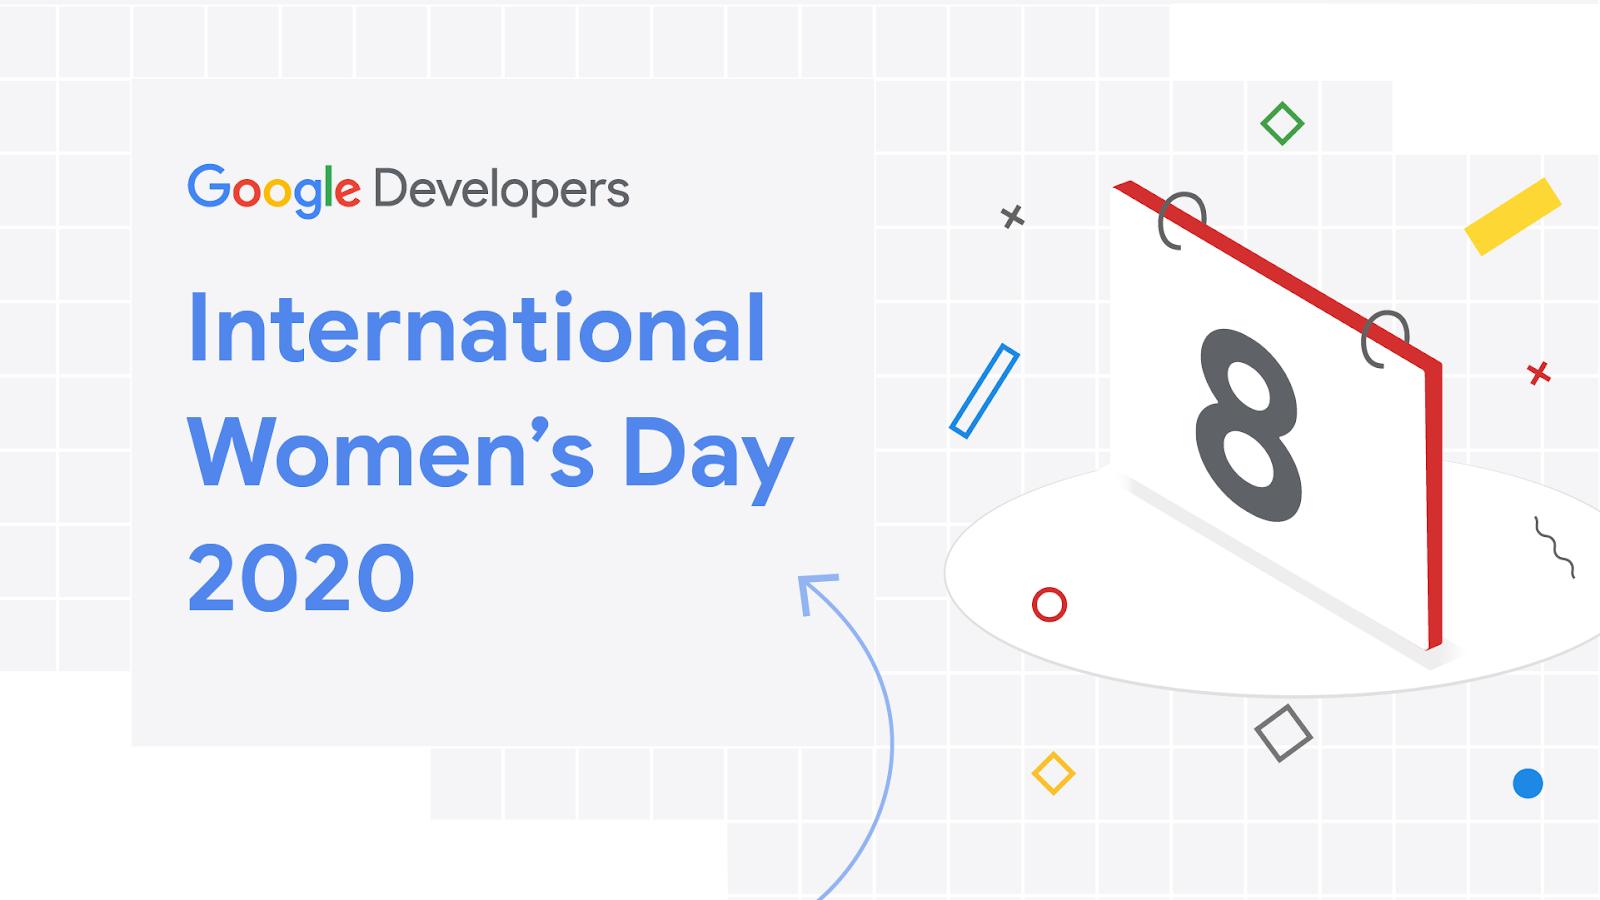 Celebrating International Women's Day with 20 tech trailblazers